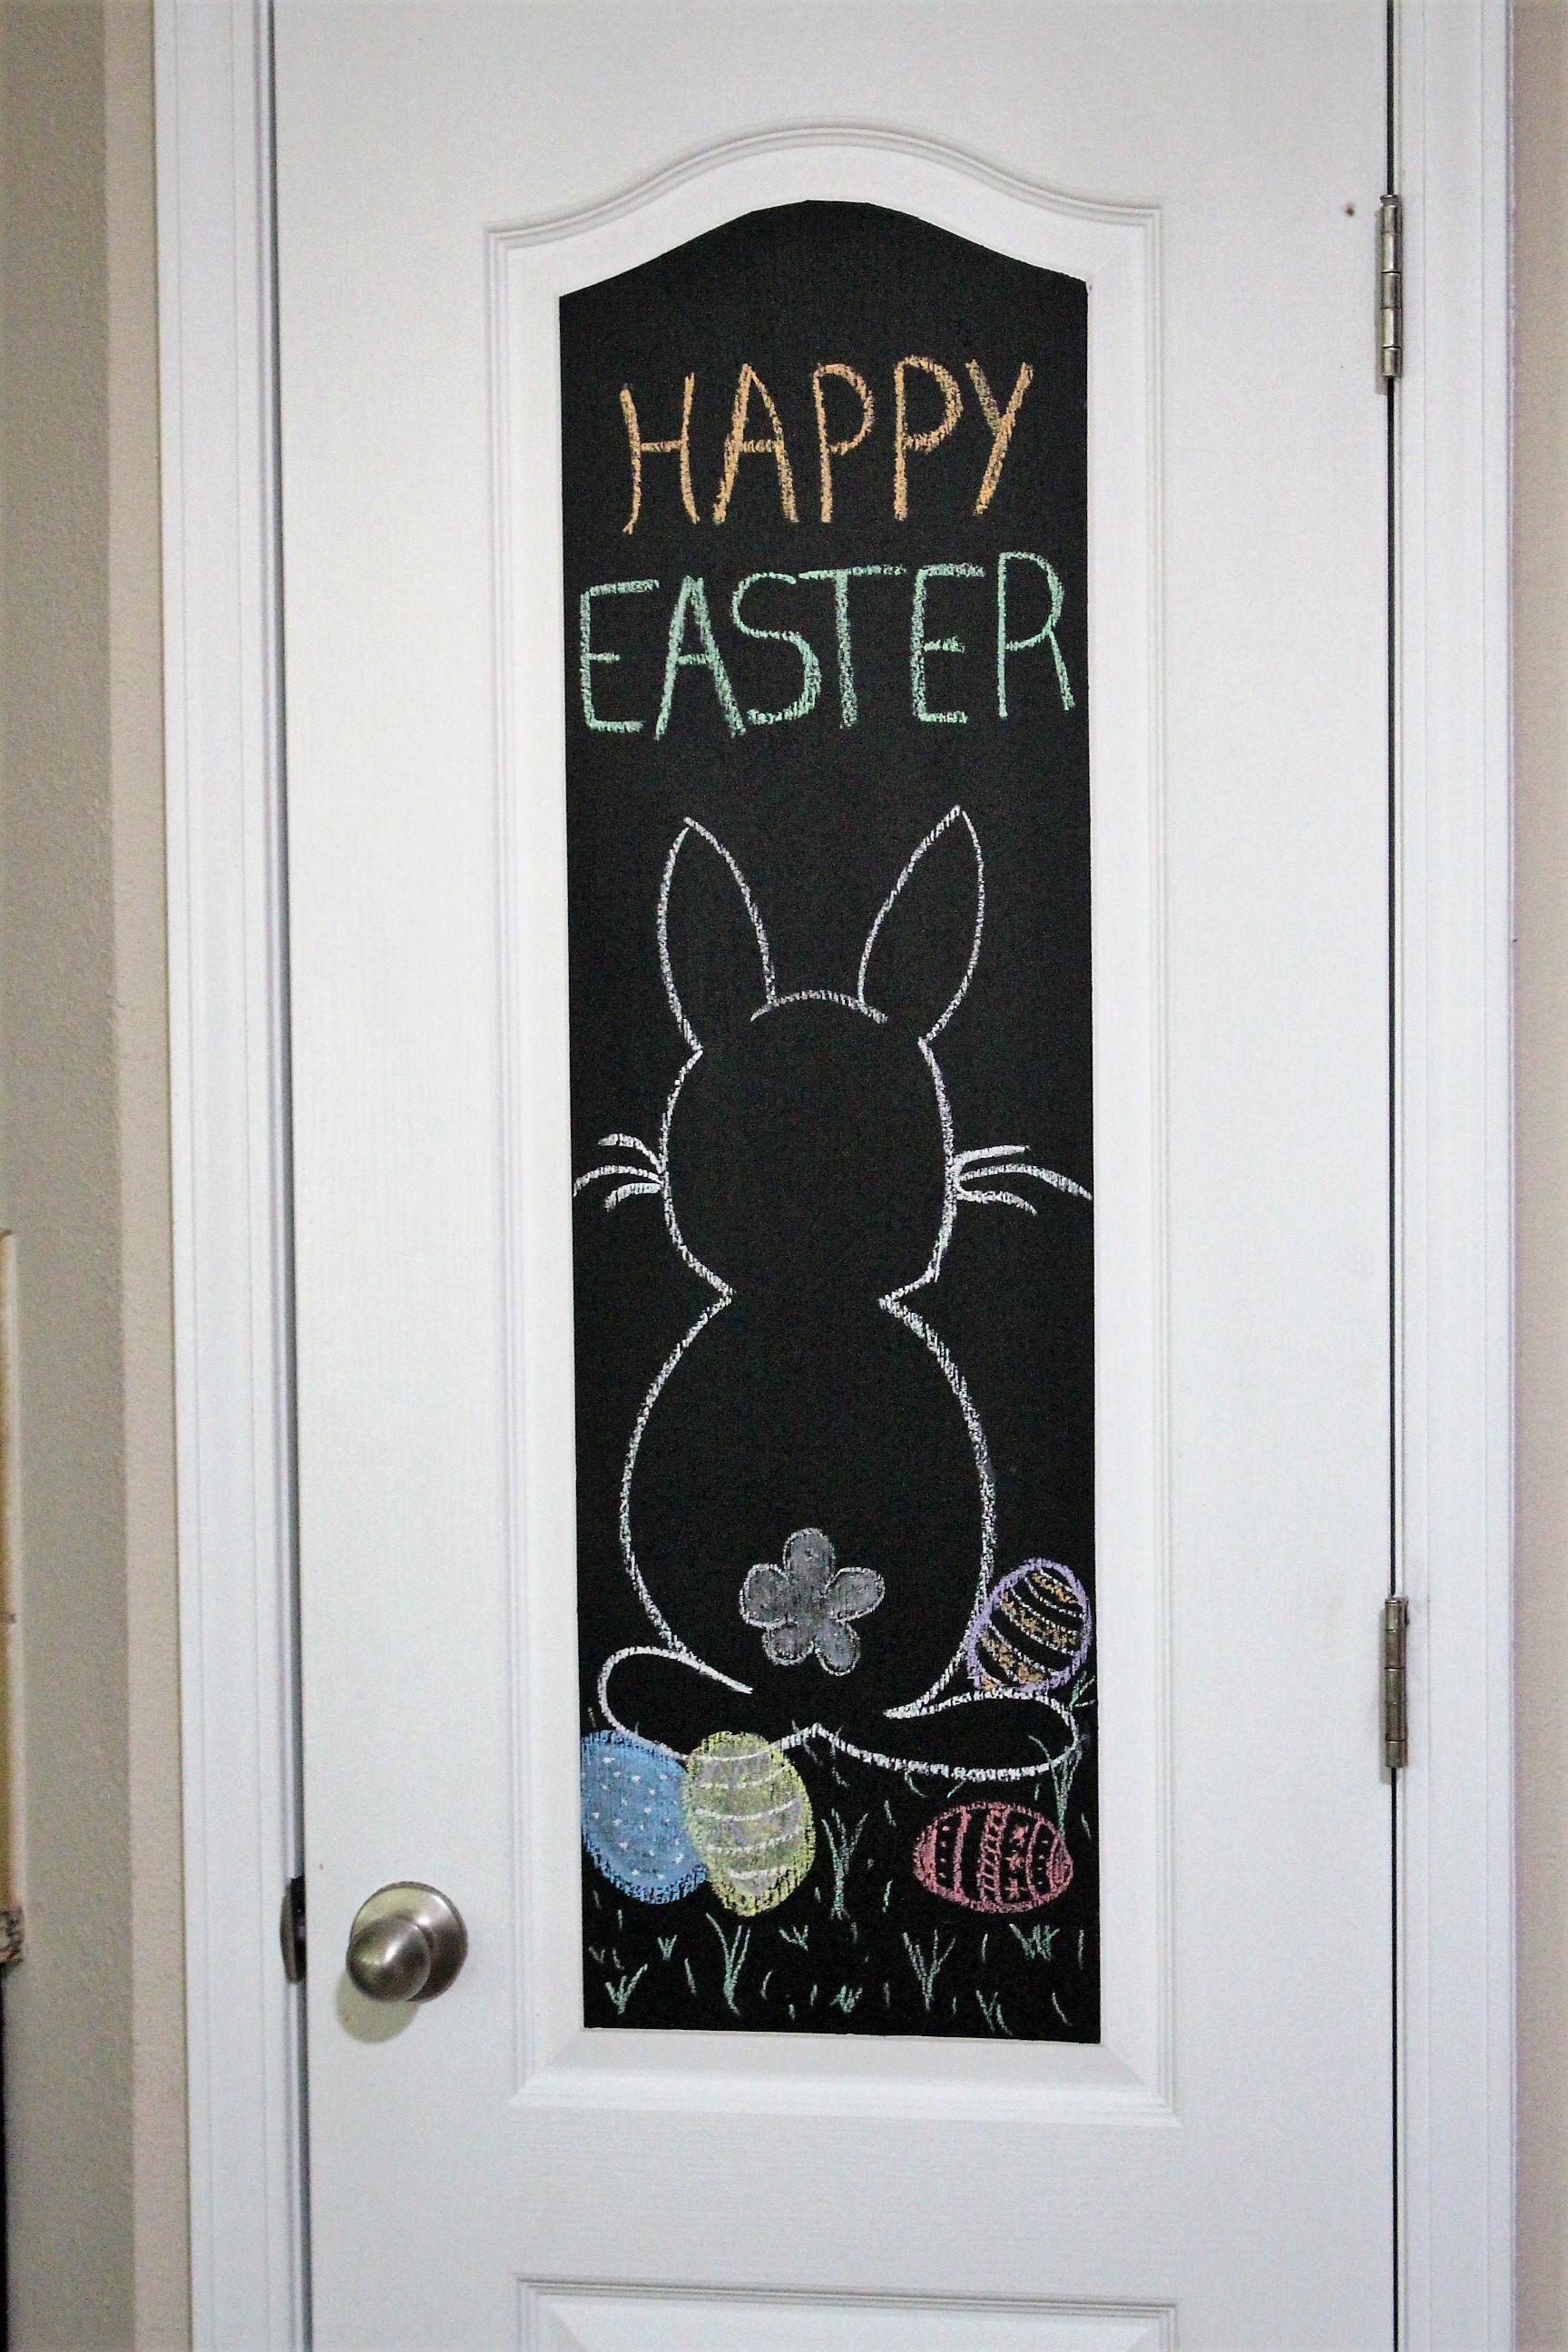 Easter chalk art